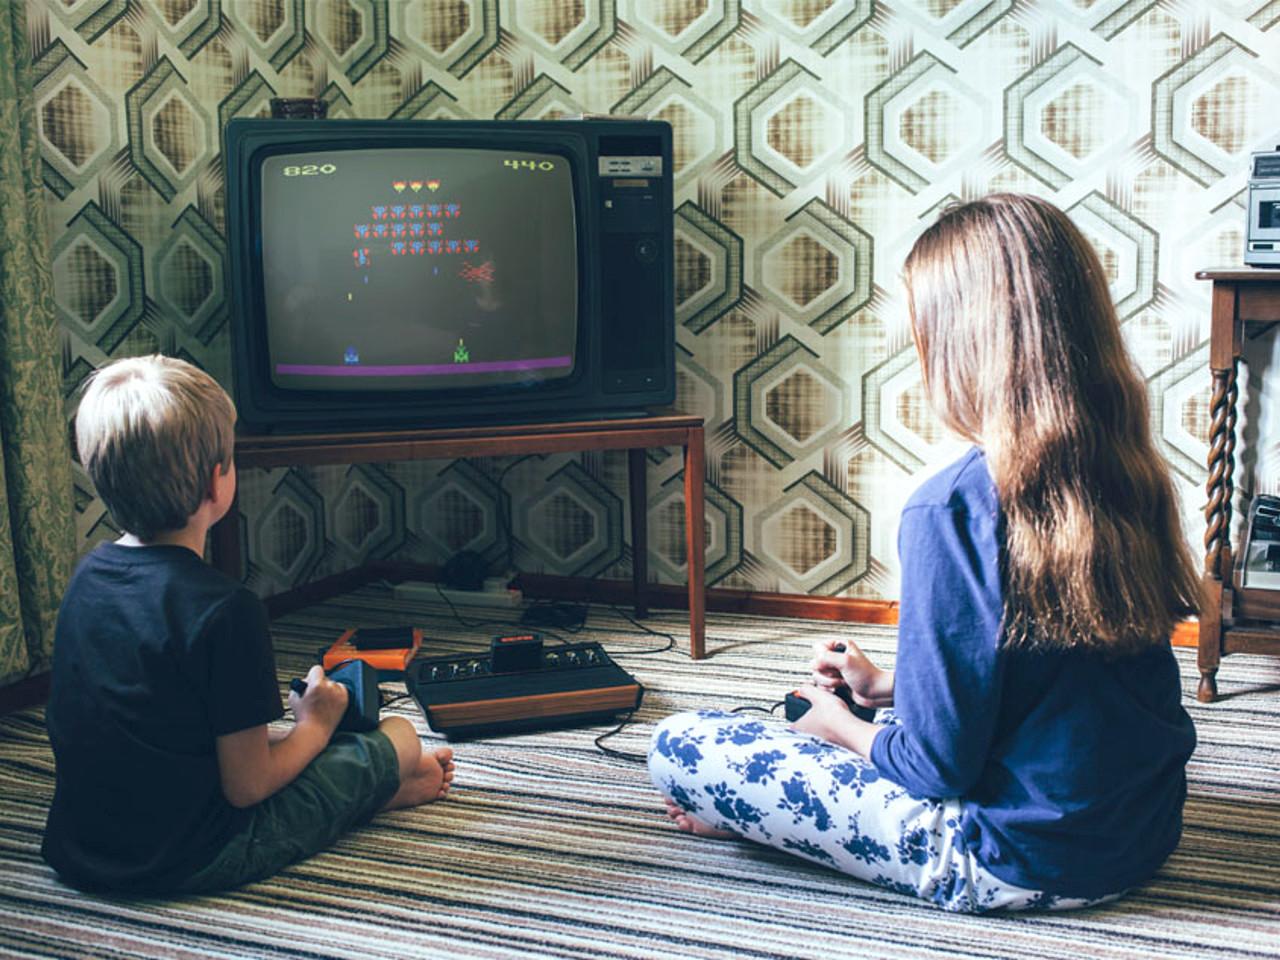 Kinder spielen an einem Atari VCS. (Bild: Ian Robert Pare, retroark.com)